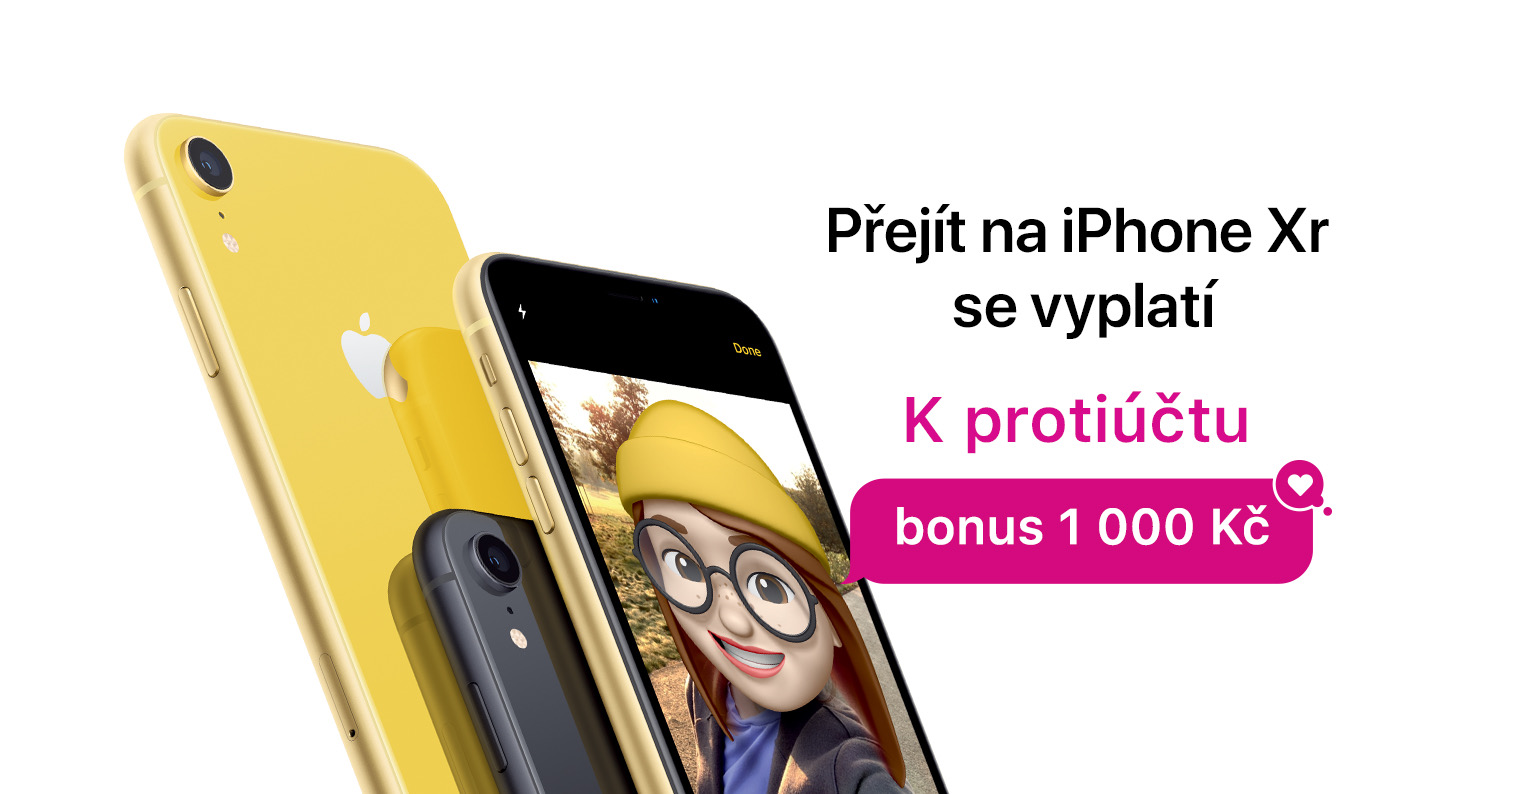 Přejděte v březnu na nový iPhone XR nebo iPad Pro a získejte bonus až 2 000 Kč [sponzorovaný článek]